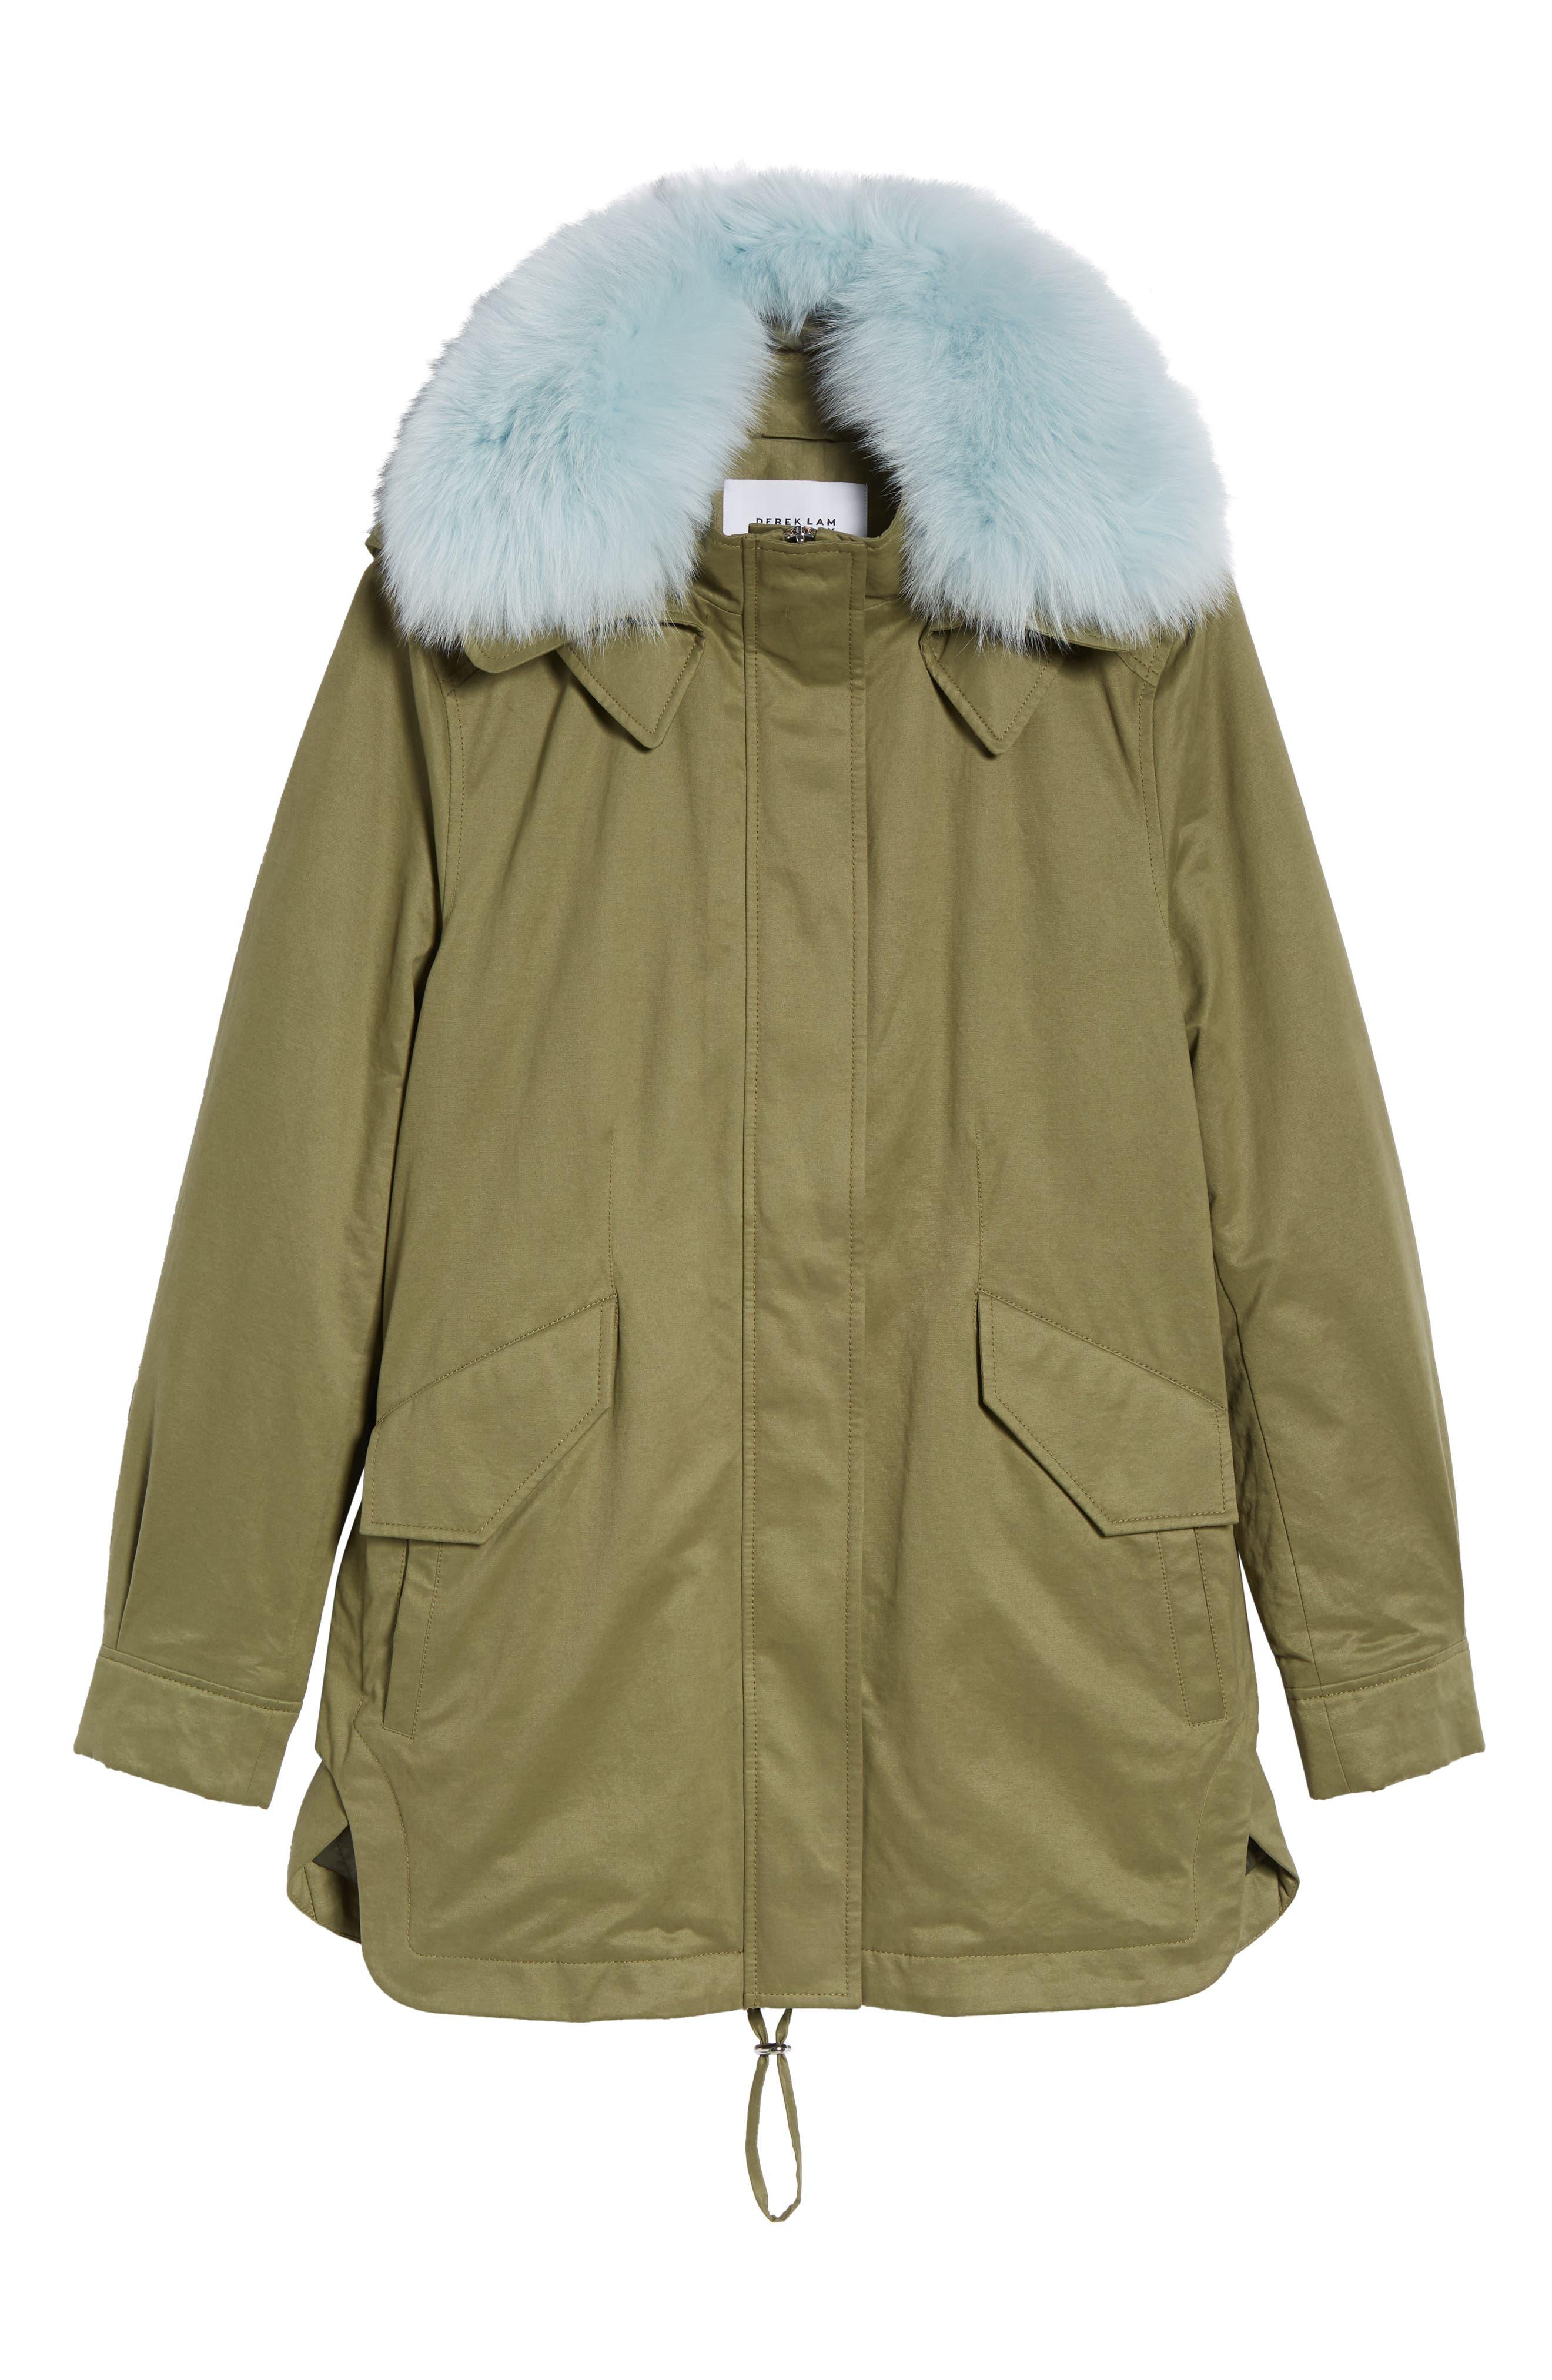 DEREK LAM 10 CROSBY, Genuine Fox Fur Trim Cotton Blend Parka, Alternate thumbnail 6, color, LODEN